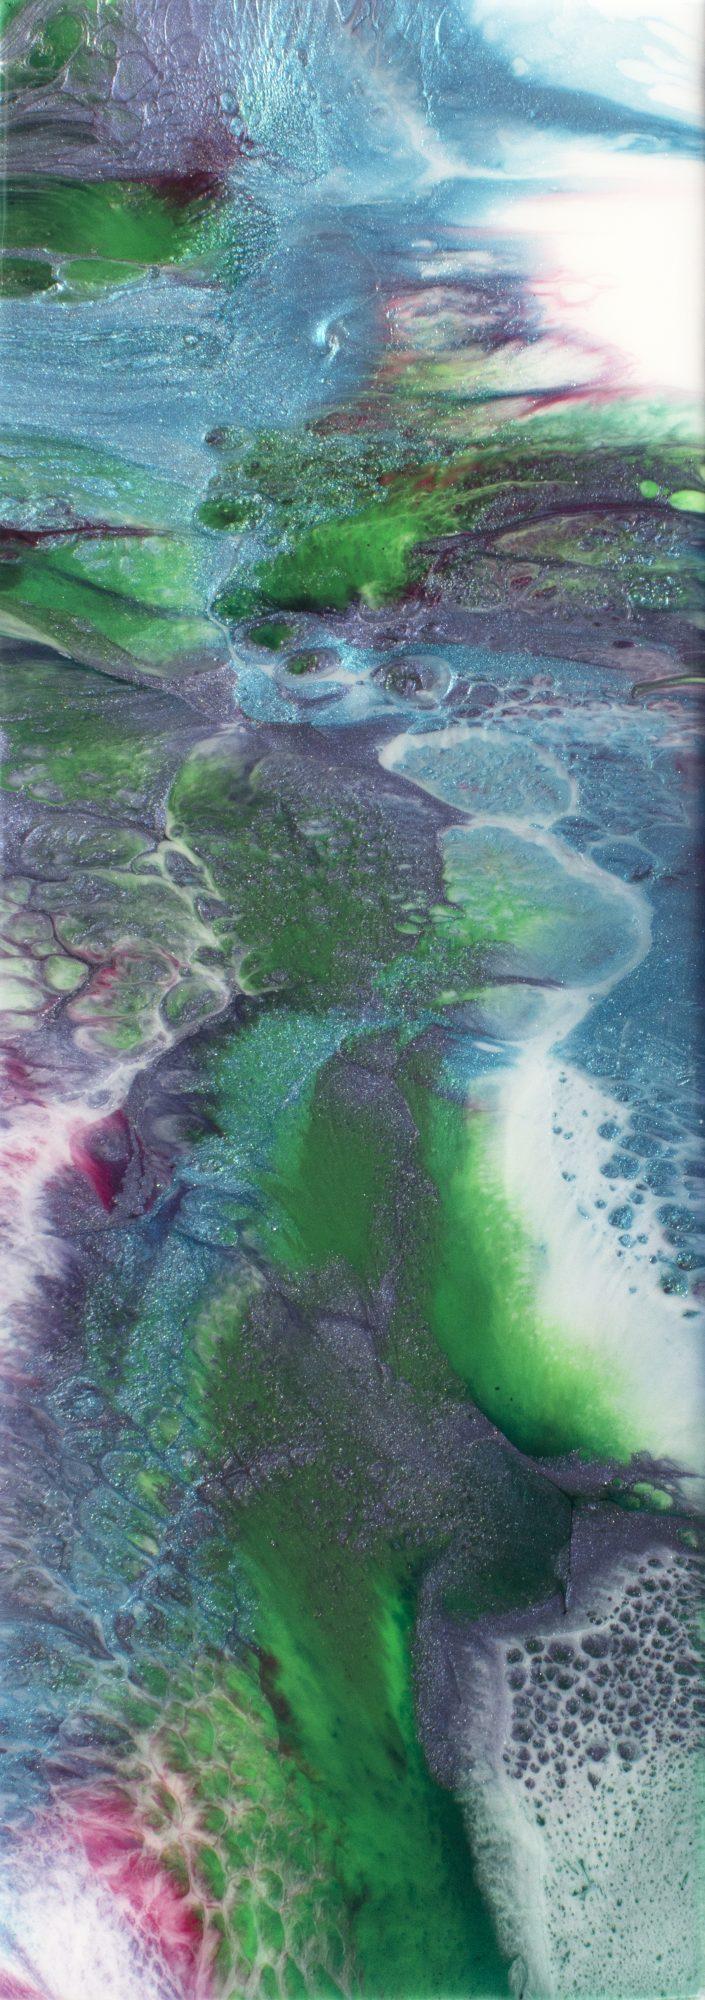 rugged-coastline-no-1-vertical-nov-11-2017